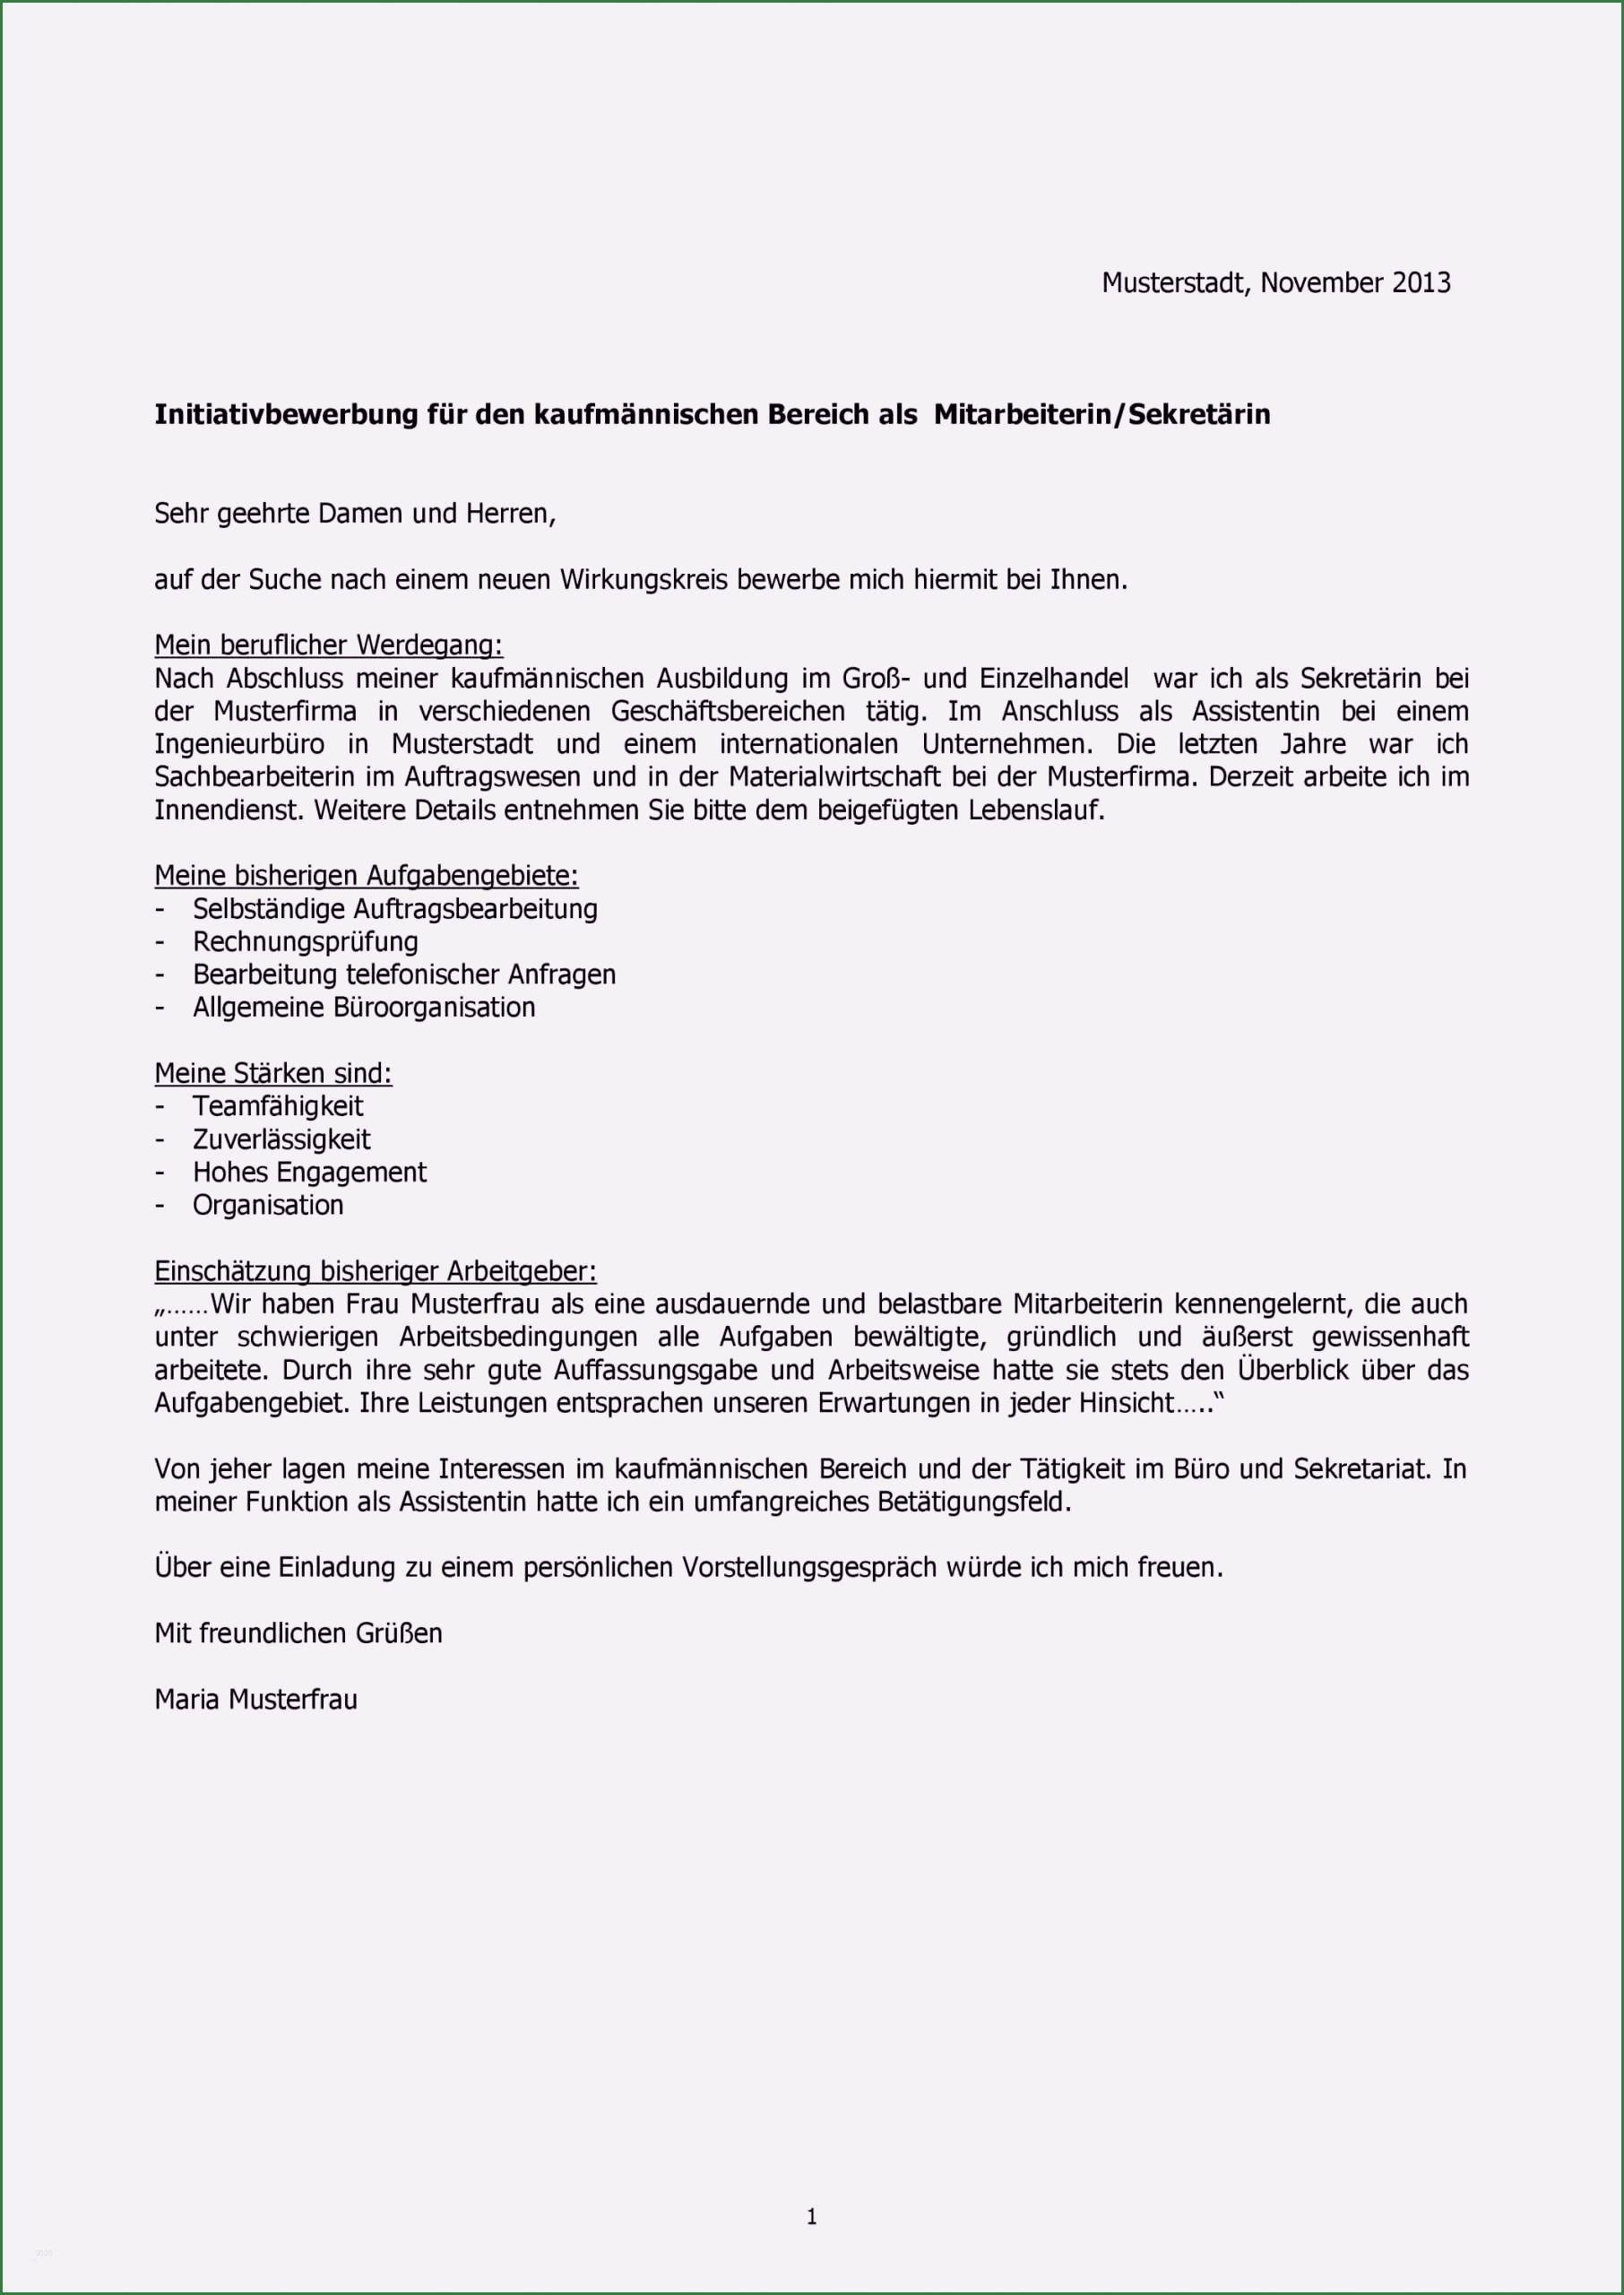 41 Schönste Vorlage Bewerbung Einzelhandelskaufmann solche Können ...